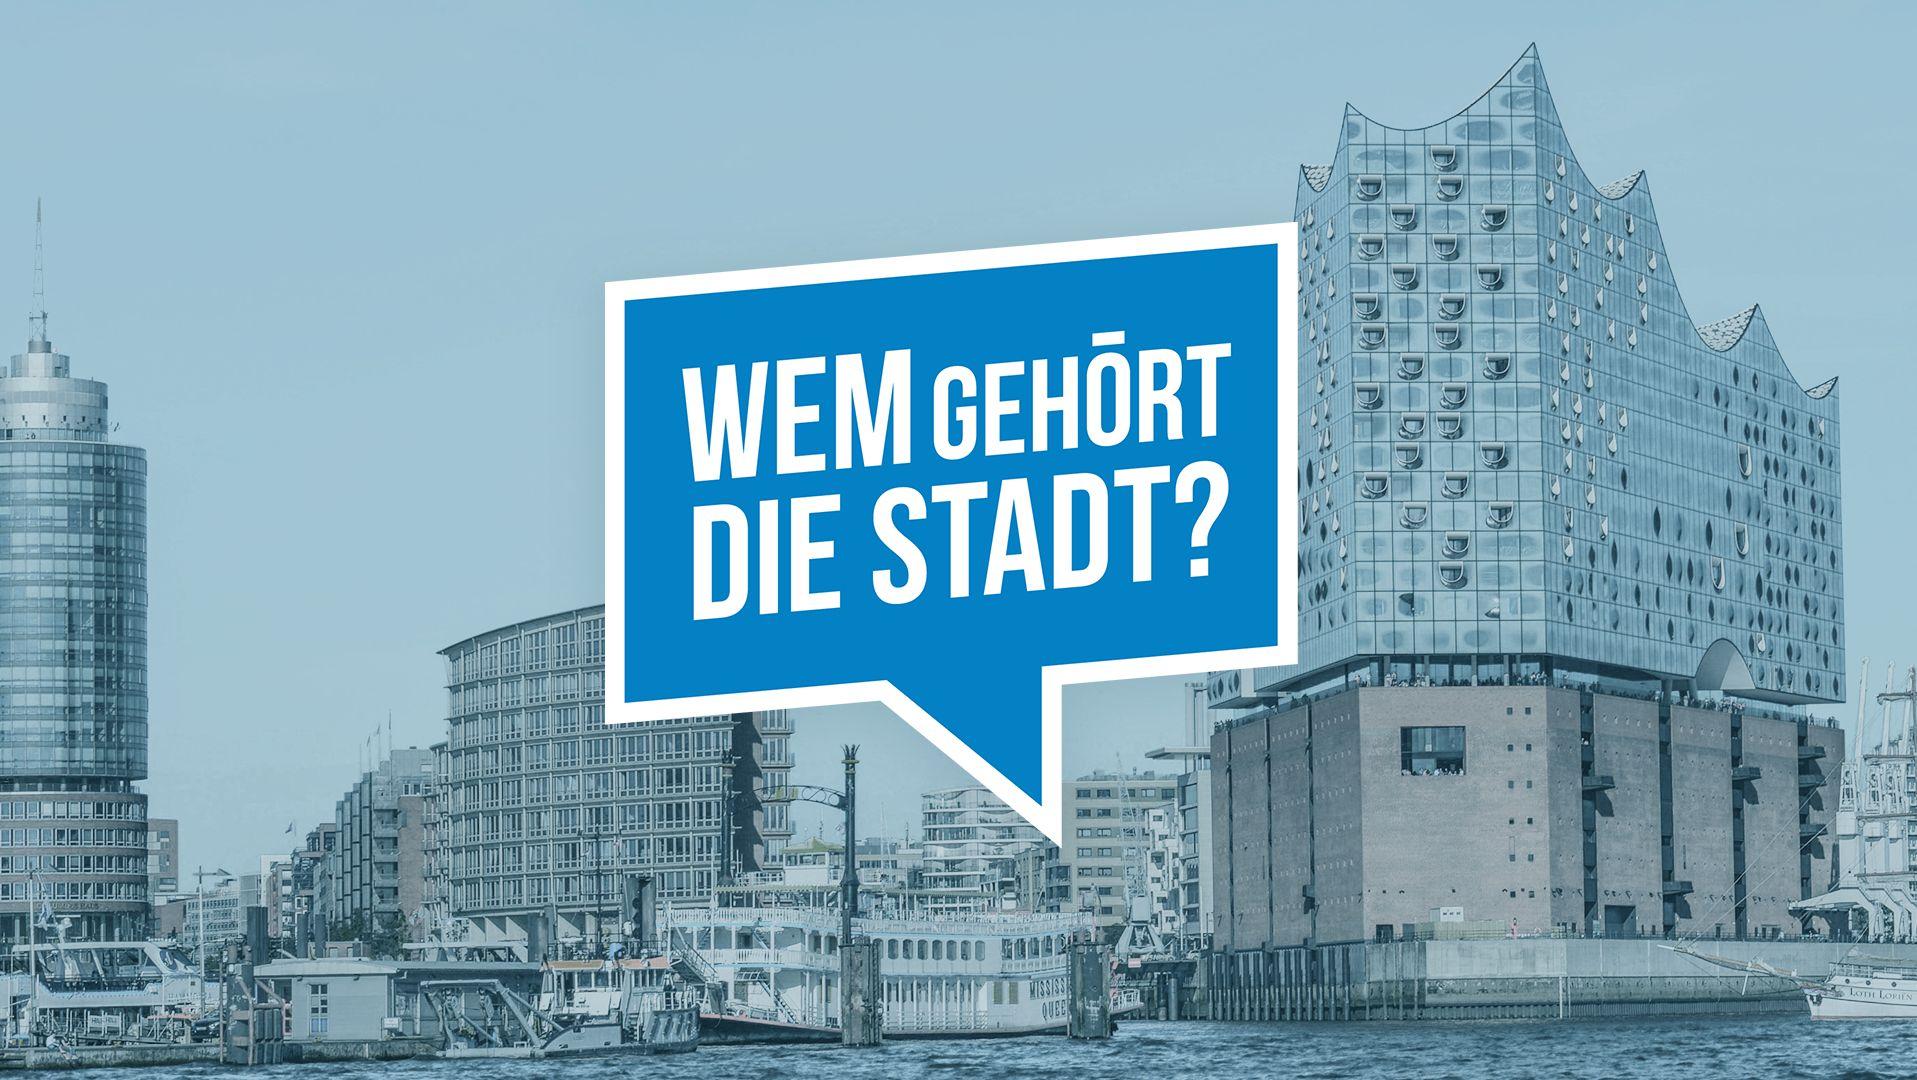 """In sechs deutschen Städten hat Correctiv die Recherche """"Wem gehört die Stadt?"""" bereits umgesetzt. Darunter in Hamburg, Berlin und Düsseldorf."""